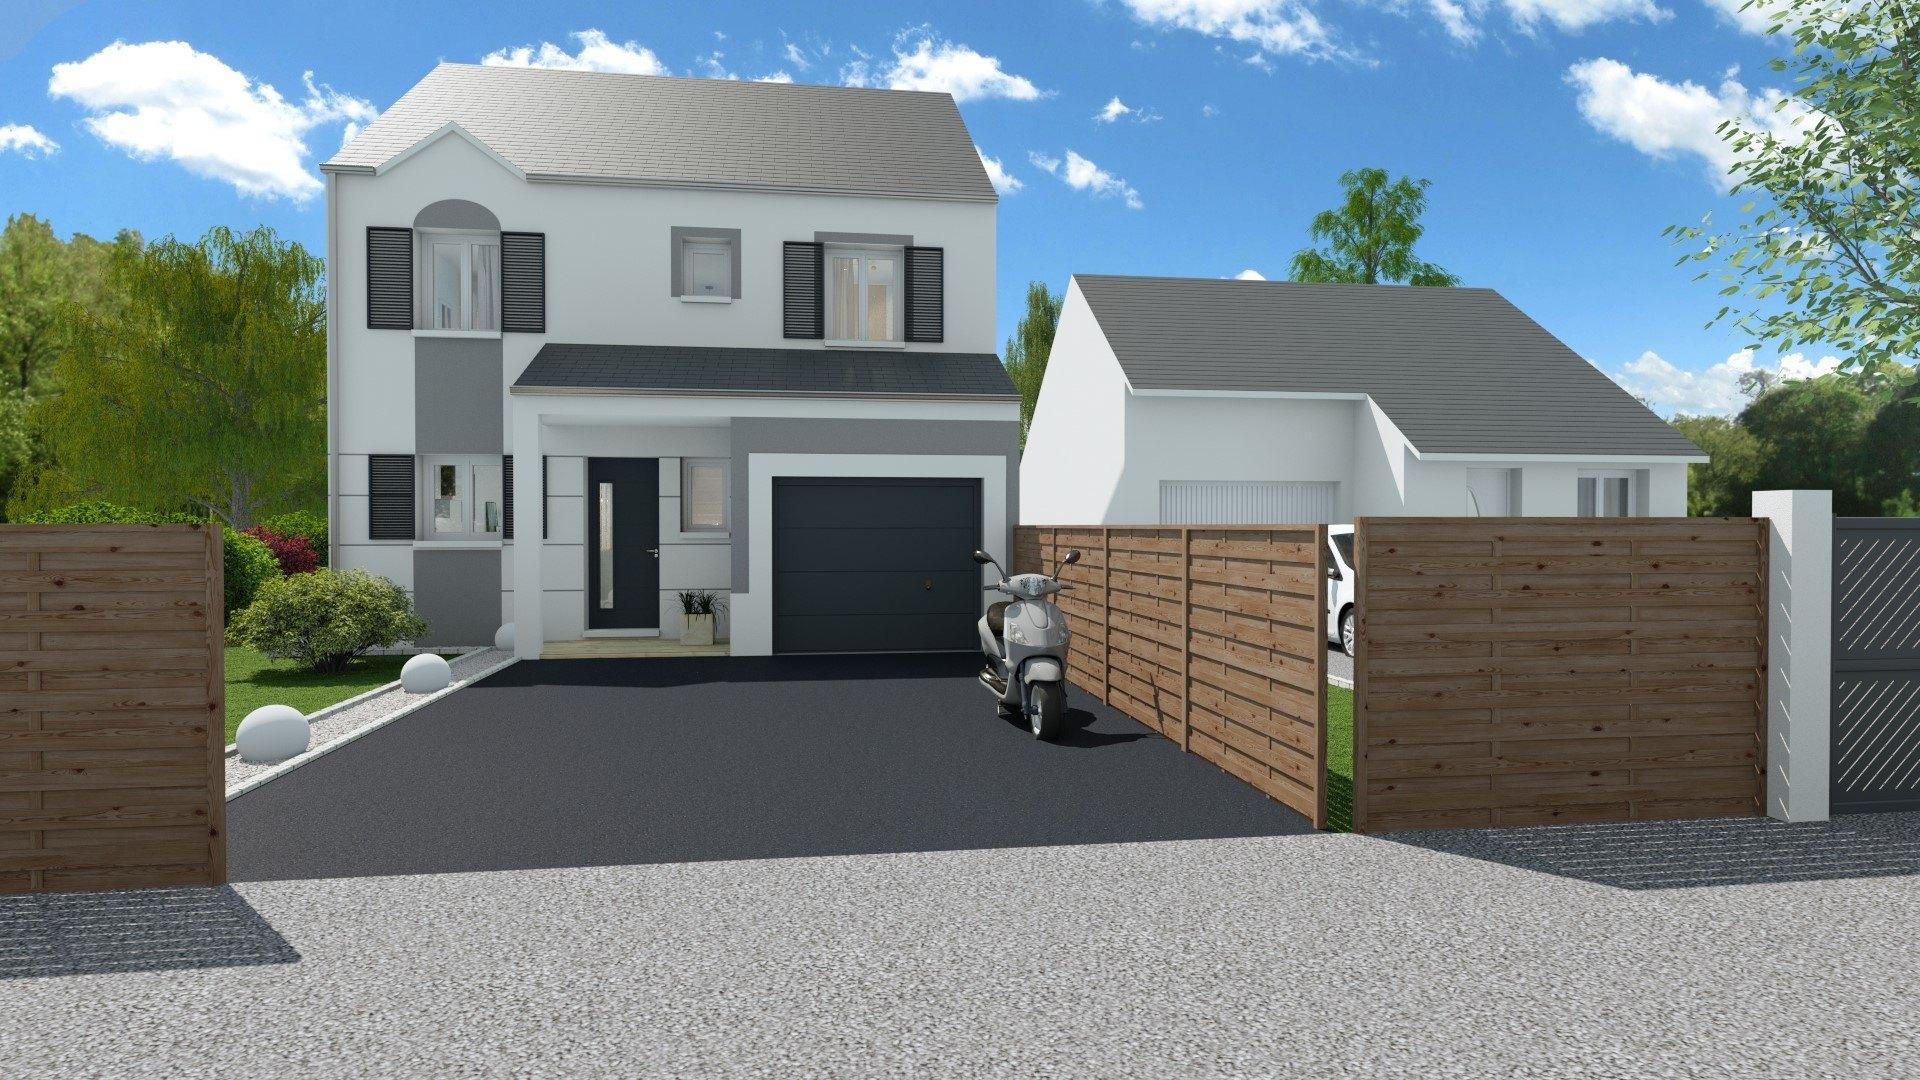 Constructeur De Maison Chartres programme la belle d'ablis- notre maison témoin - réabelle